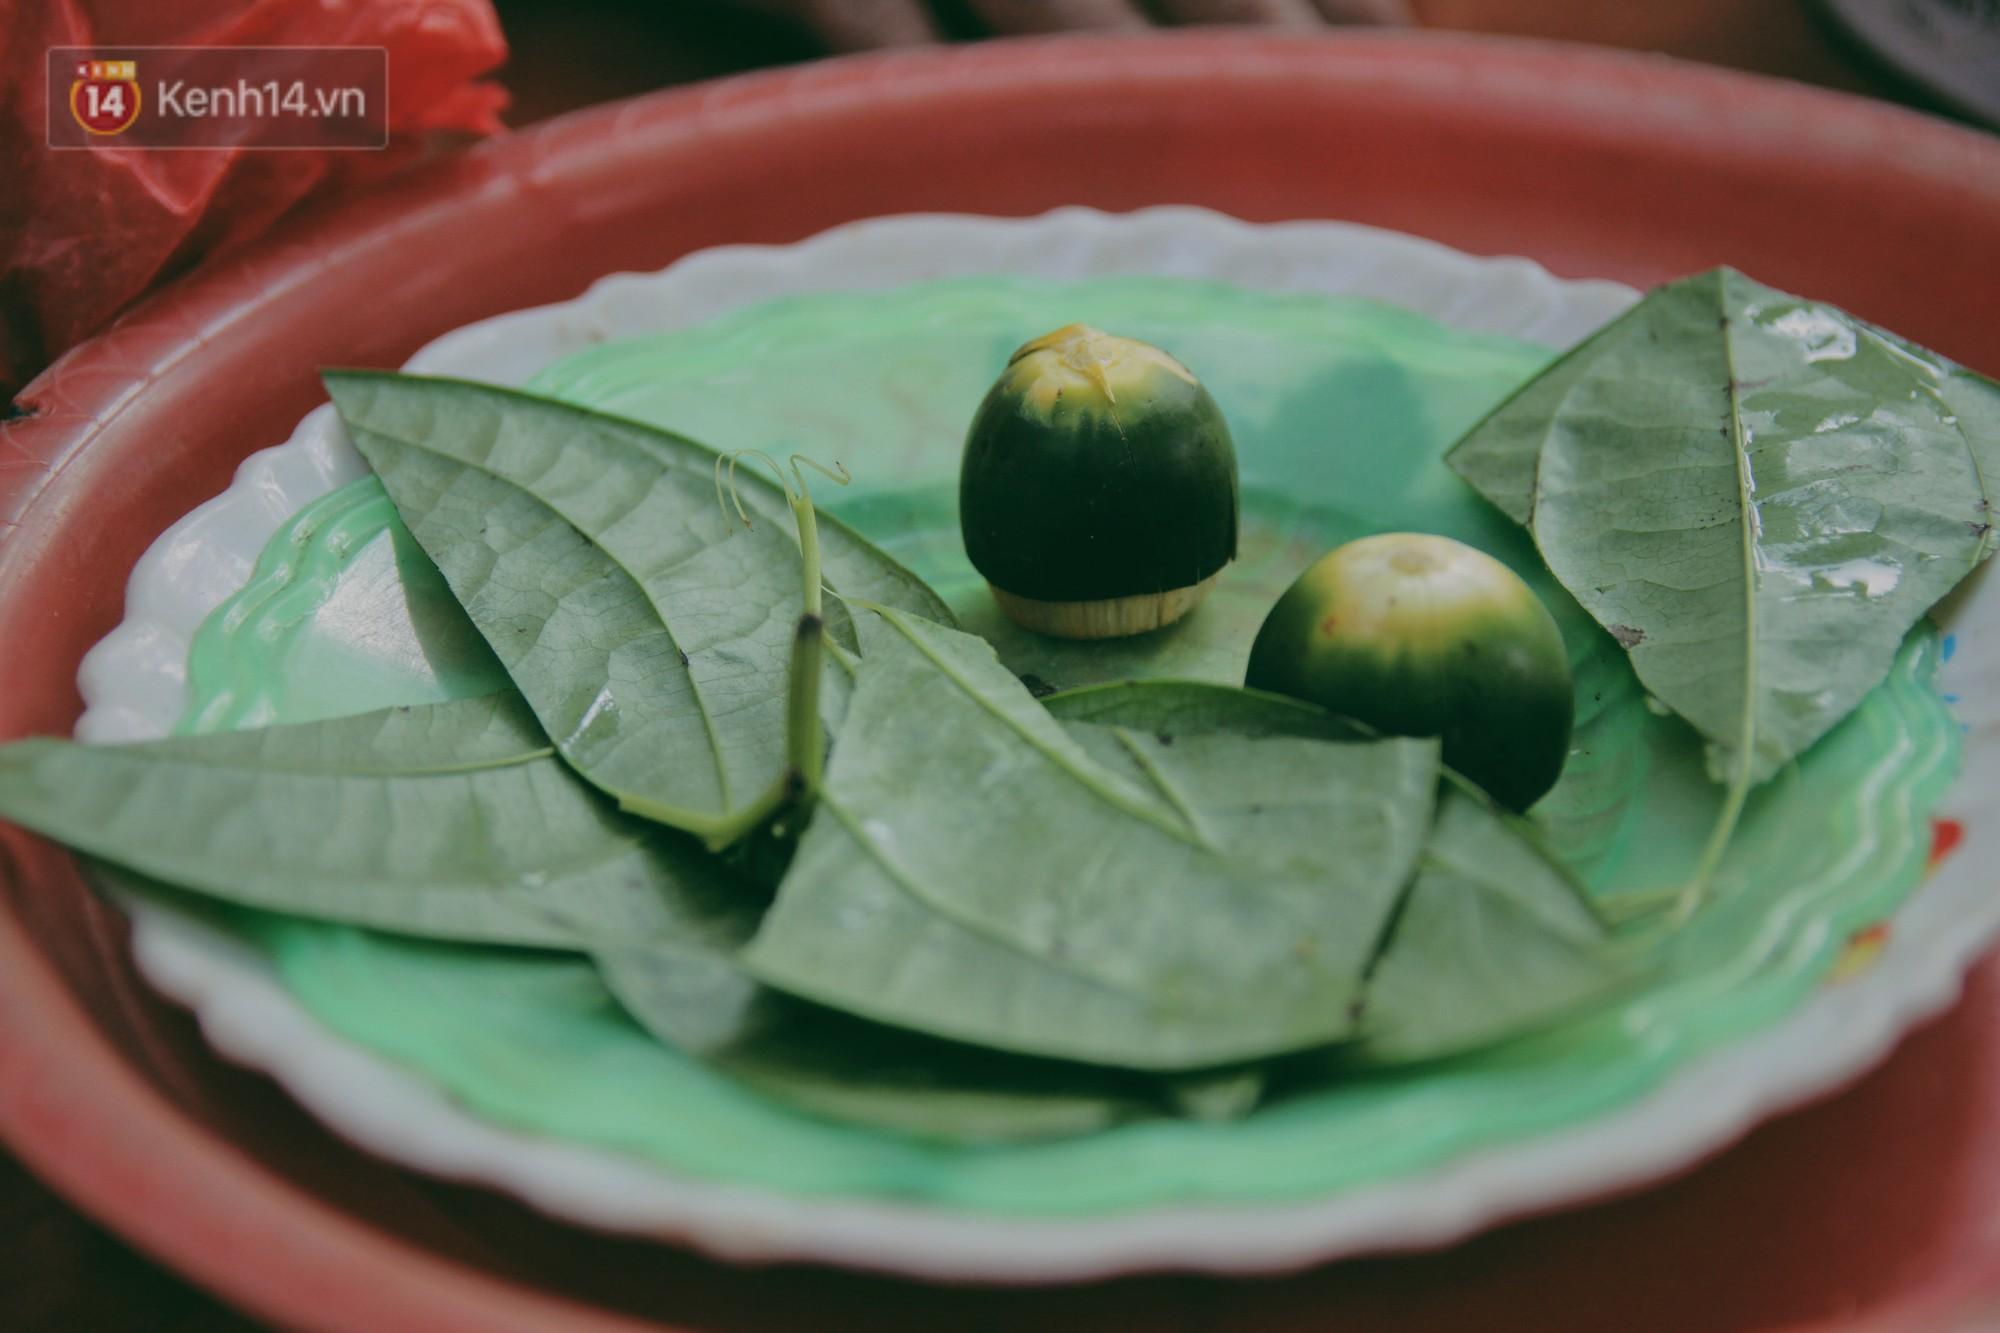 Về thăm ngôi làng ở Hà Nội có 1.000 quả cau mới cưới được vợ, người lớn trẻ nhỏ lúc nào môi cũng đỏ hồng - Ảnh 11.